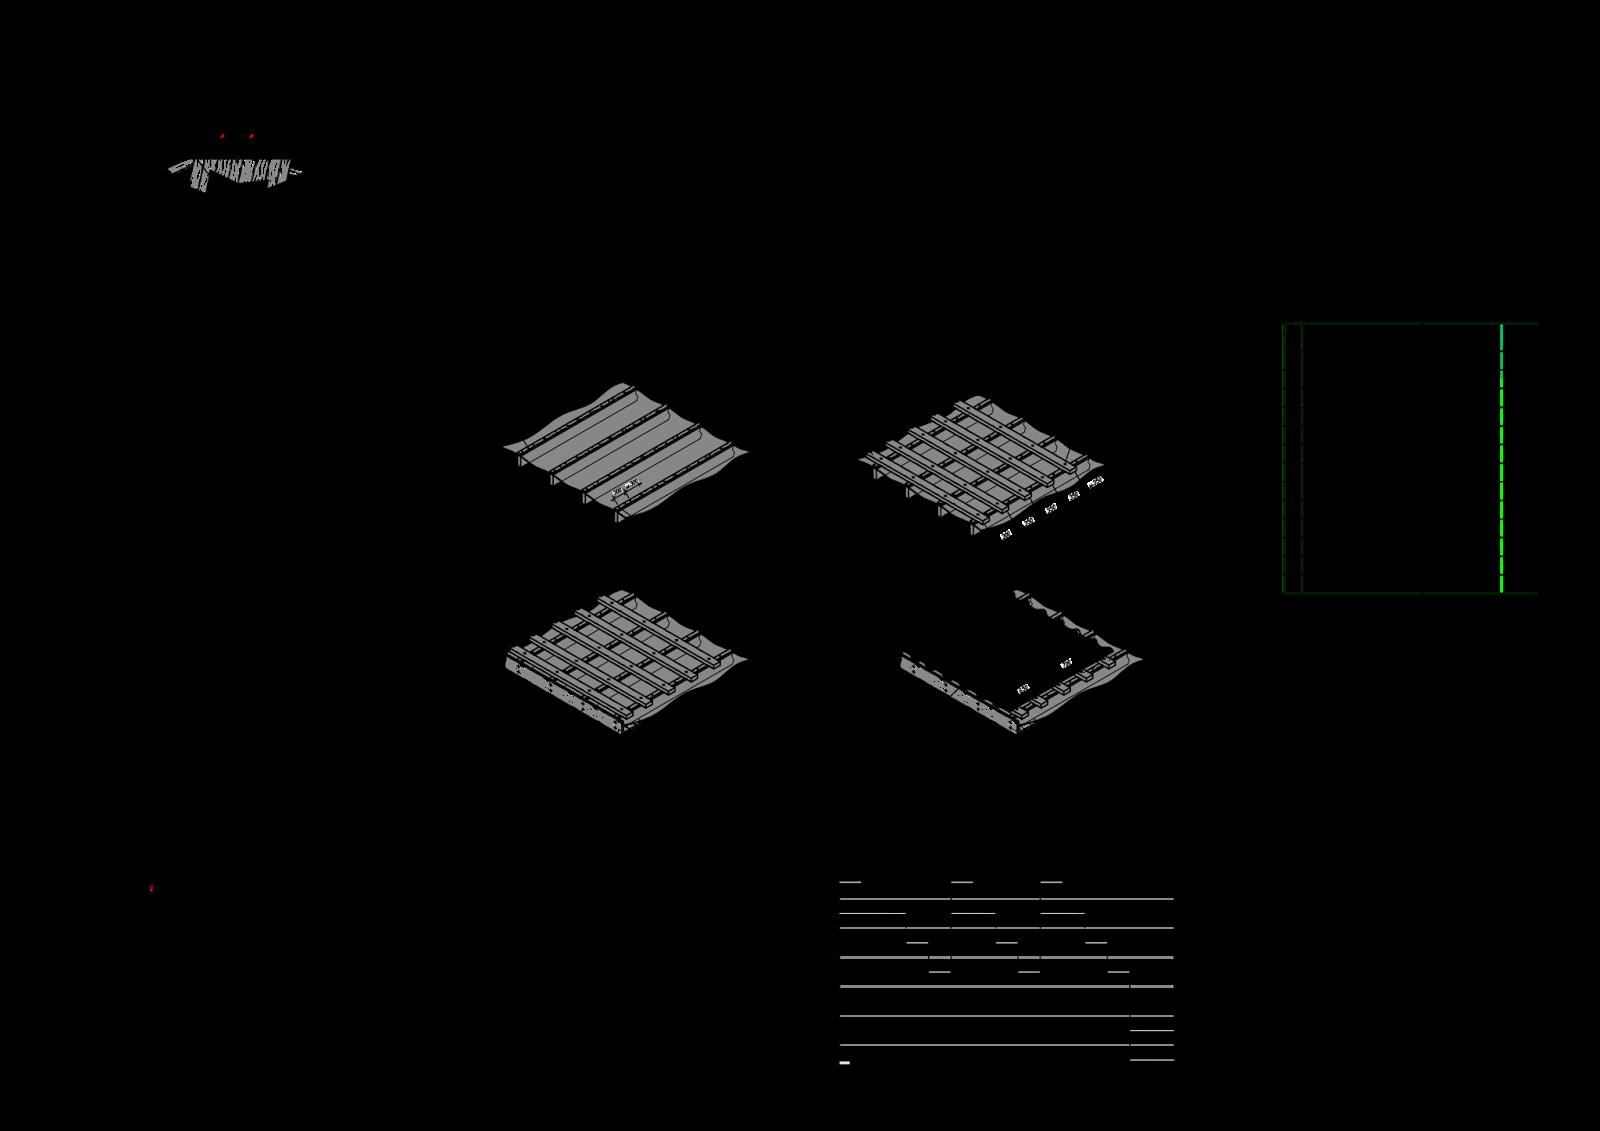 технологическая карта по: